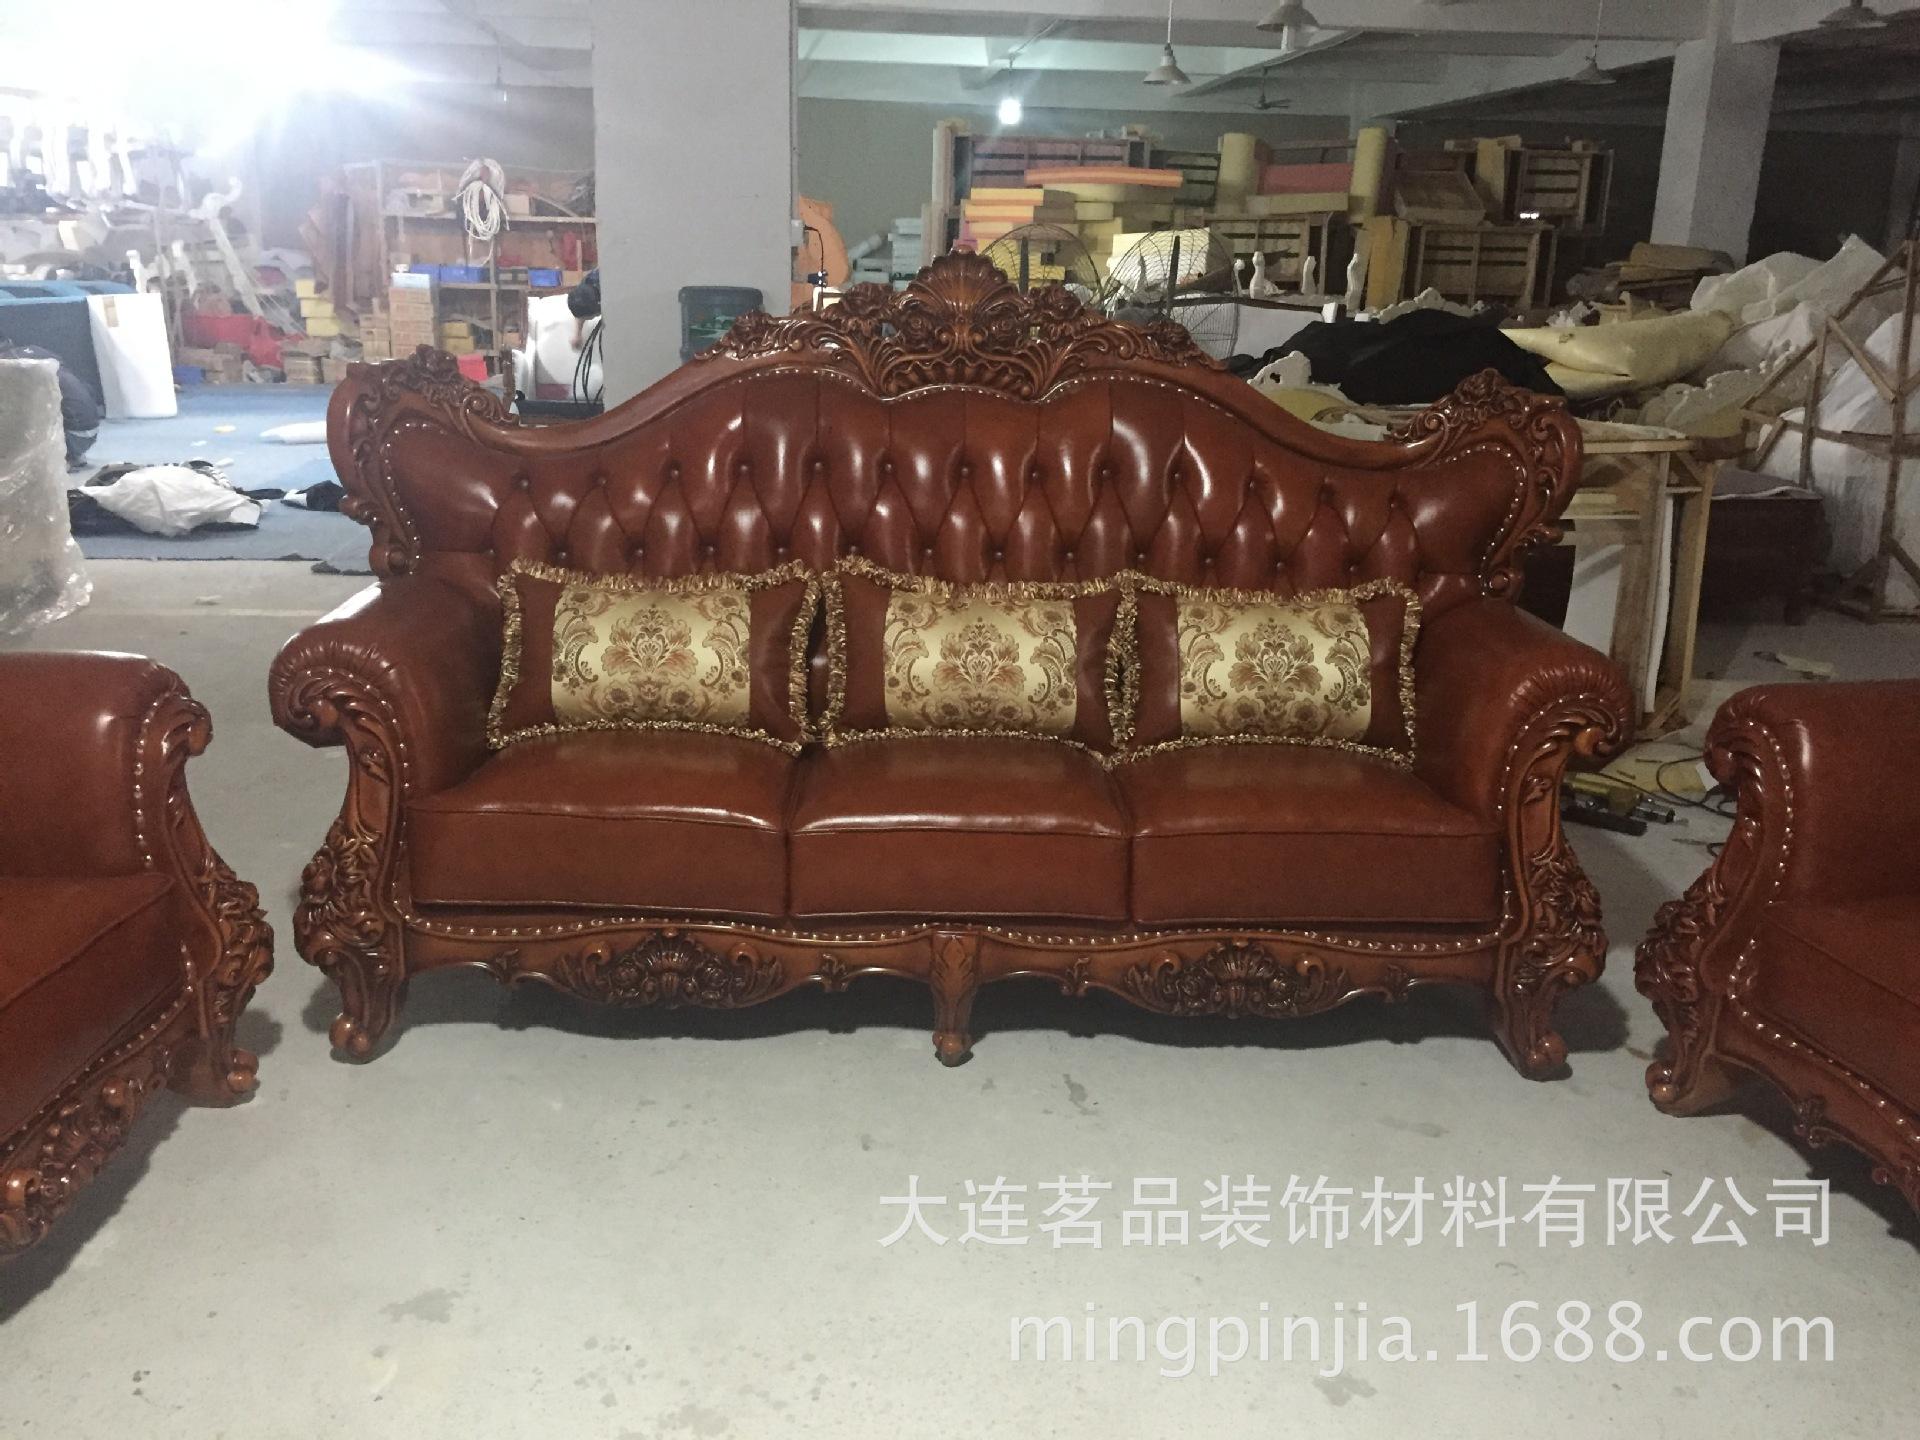 欧式真皮沙发 欧式真皮沙发头层组合 全实木雕花客厅贵妃沙发组合定制 阿里巴巴